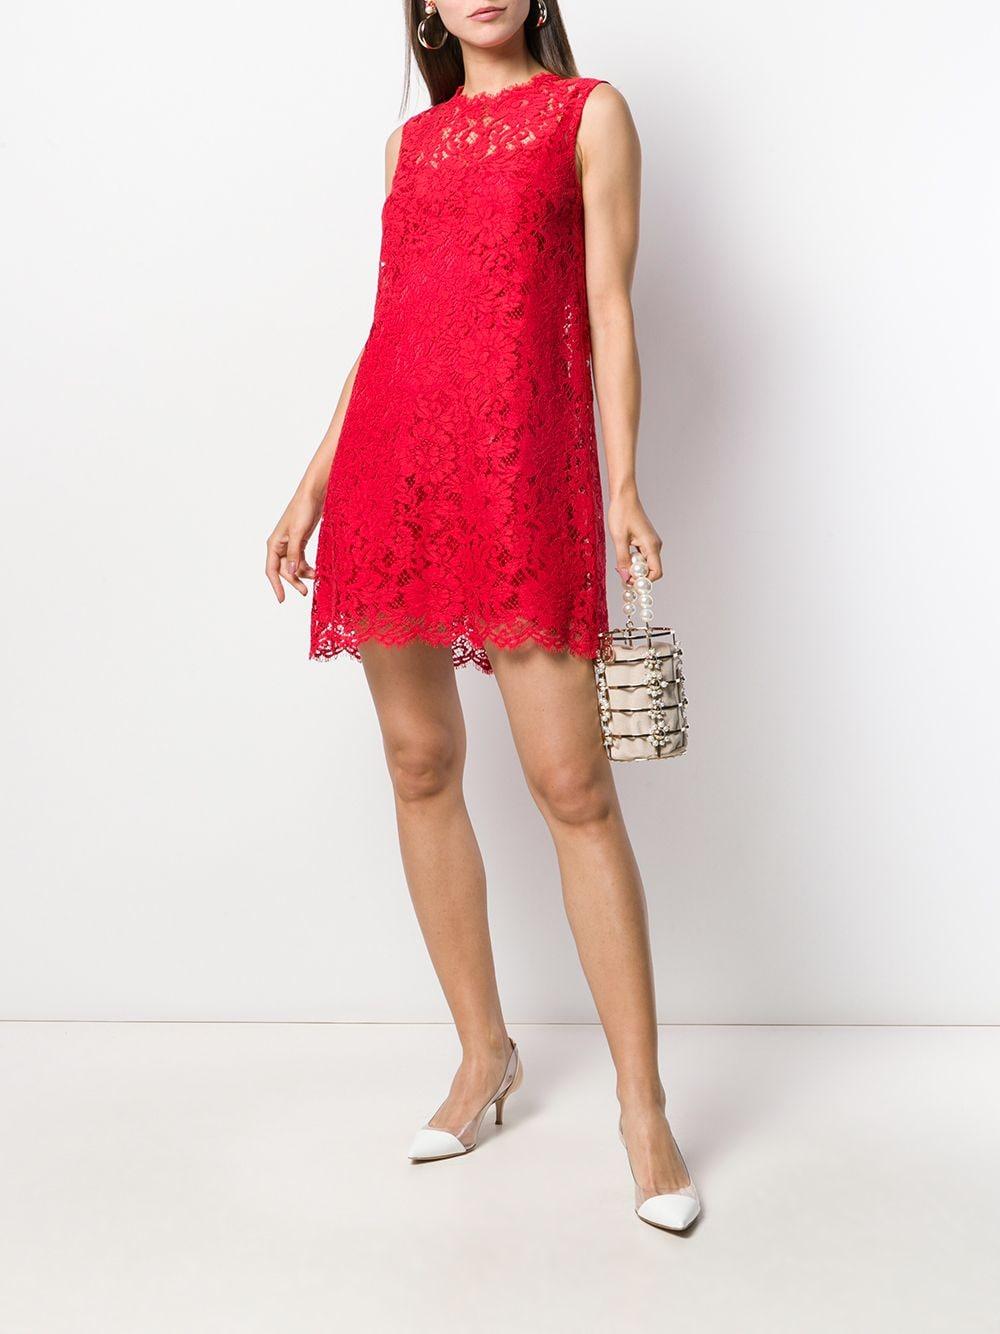 abito corto smanicato in pizzo smerlato e seta rossa con scollo tondo DOLCE & GABBANA   Abiti   F6A6OT-FLM9VR2254